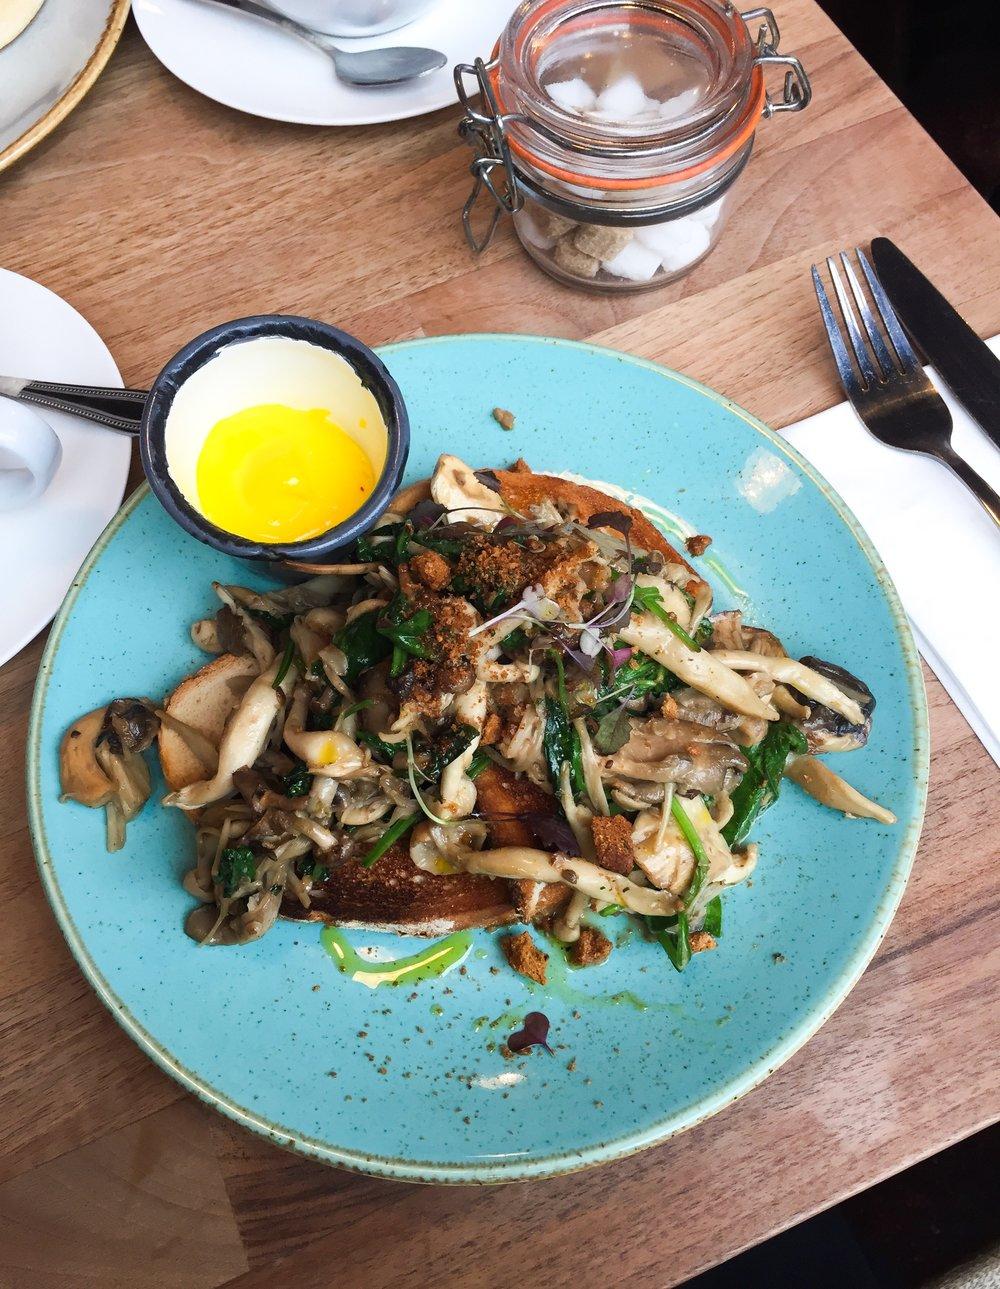 teacup-kitchen-wild-mushroom.jpg